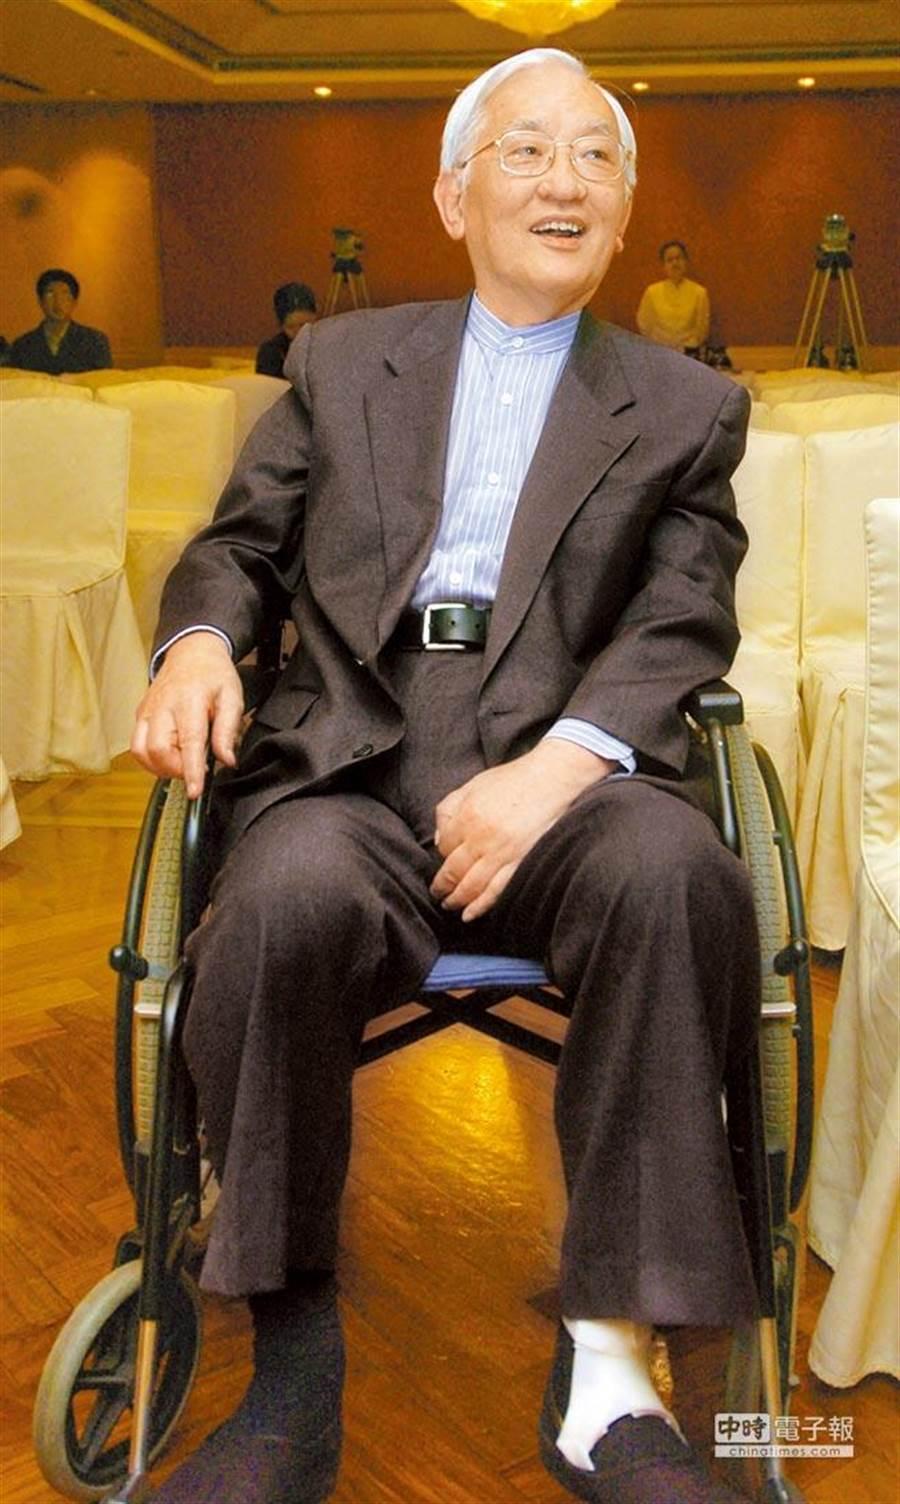 前清華大學校長沈君山今晨病逝,享壽87歲。(本報資料照片)